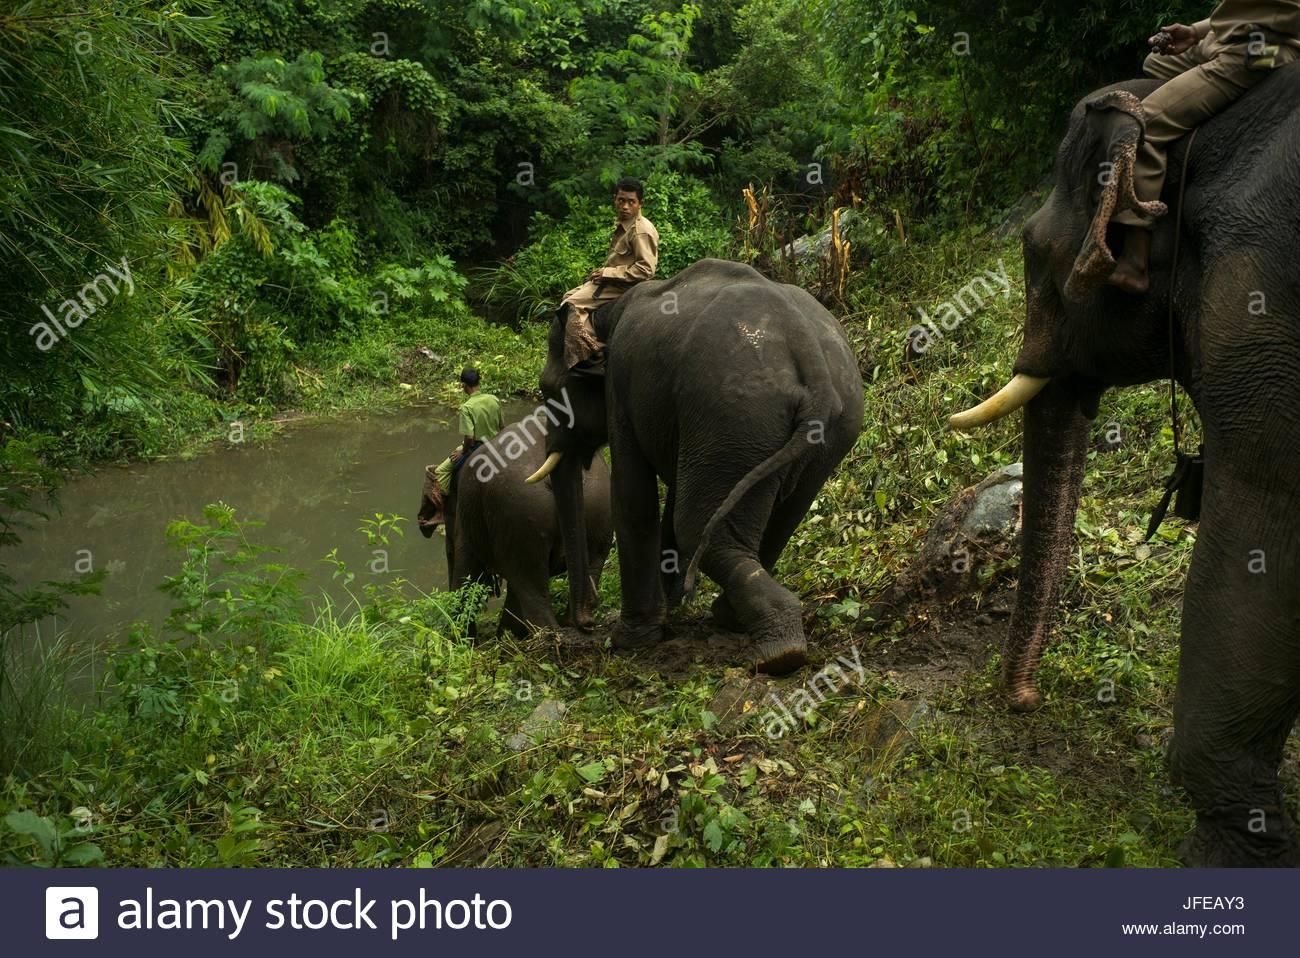 Ride hommes éléphants d'Asie, Elephas maximus, en bas d'une colline. Photo Stock